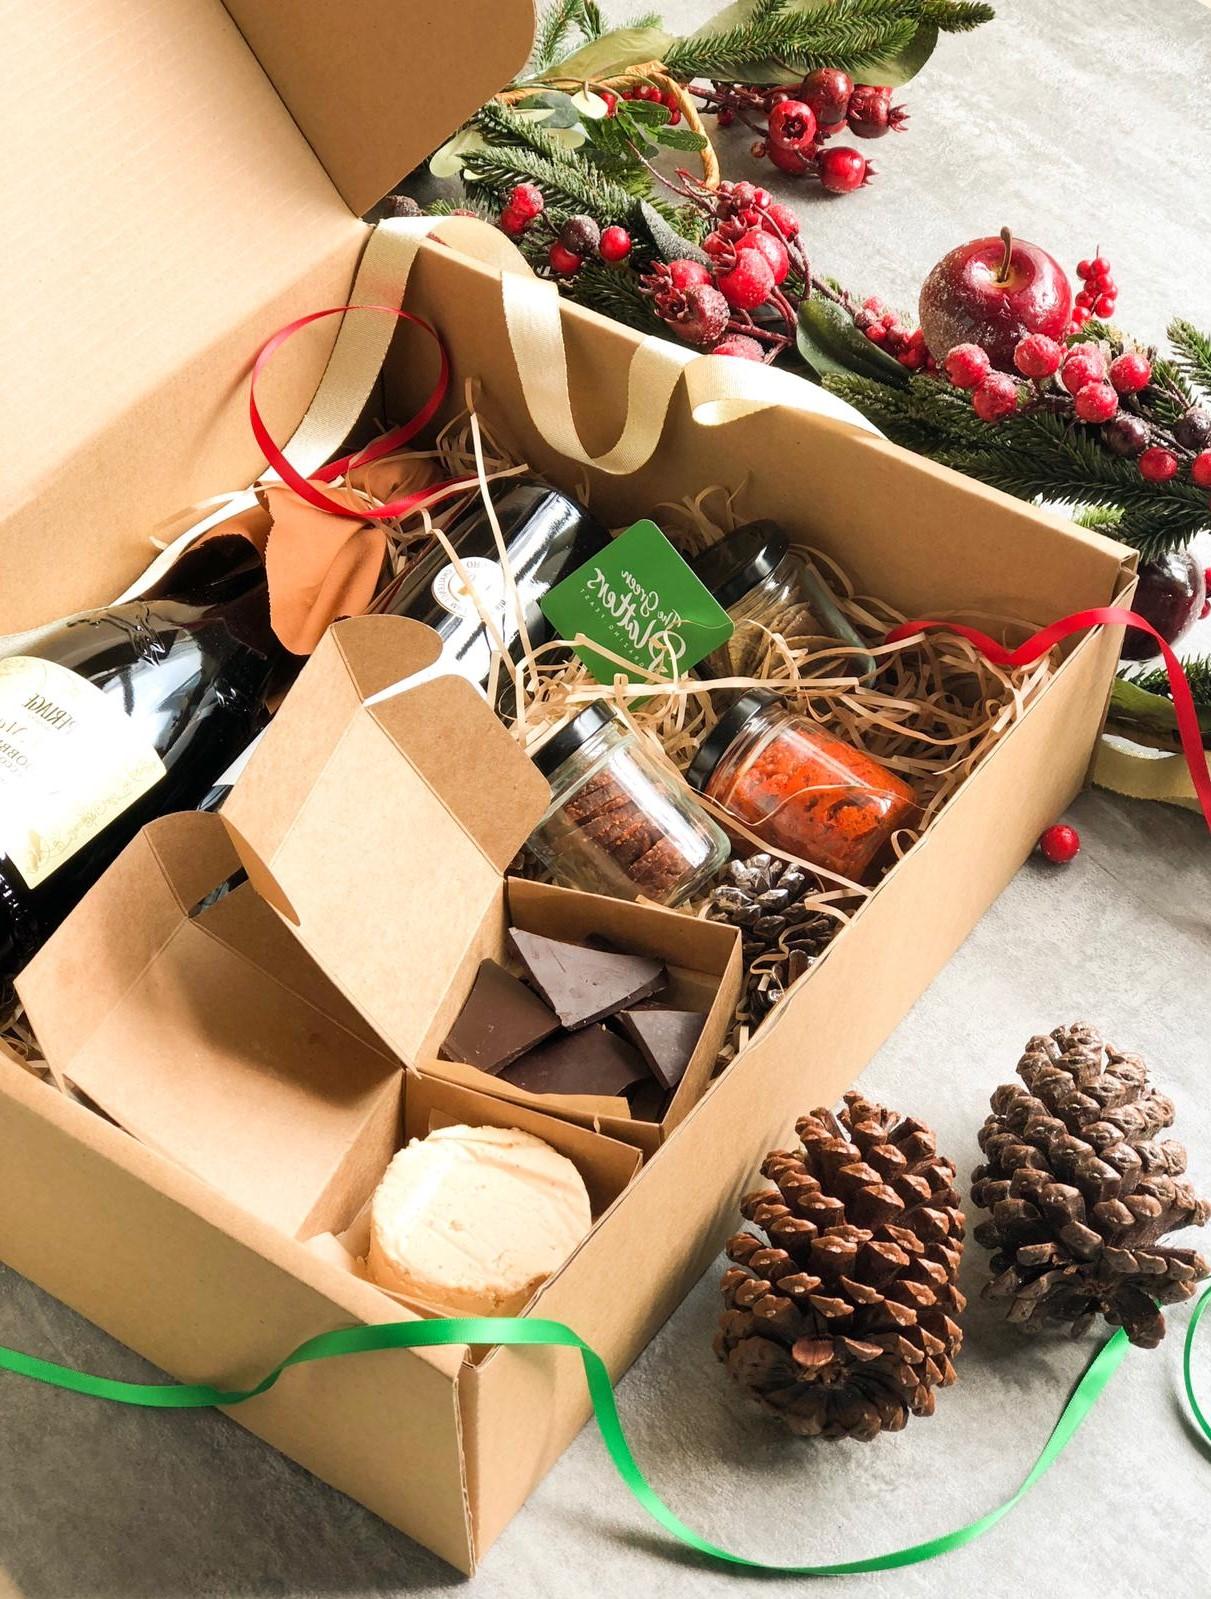 Zéro gaspillage de Noël: la chose la plus effrayante à propos de ces statistiques est que ces chiffres augmentent chaque année!